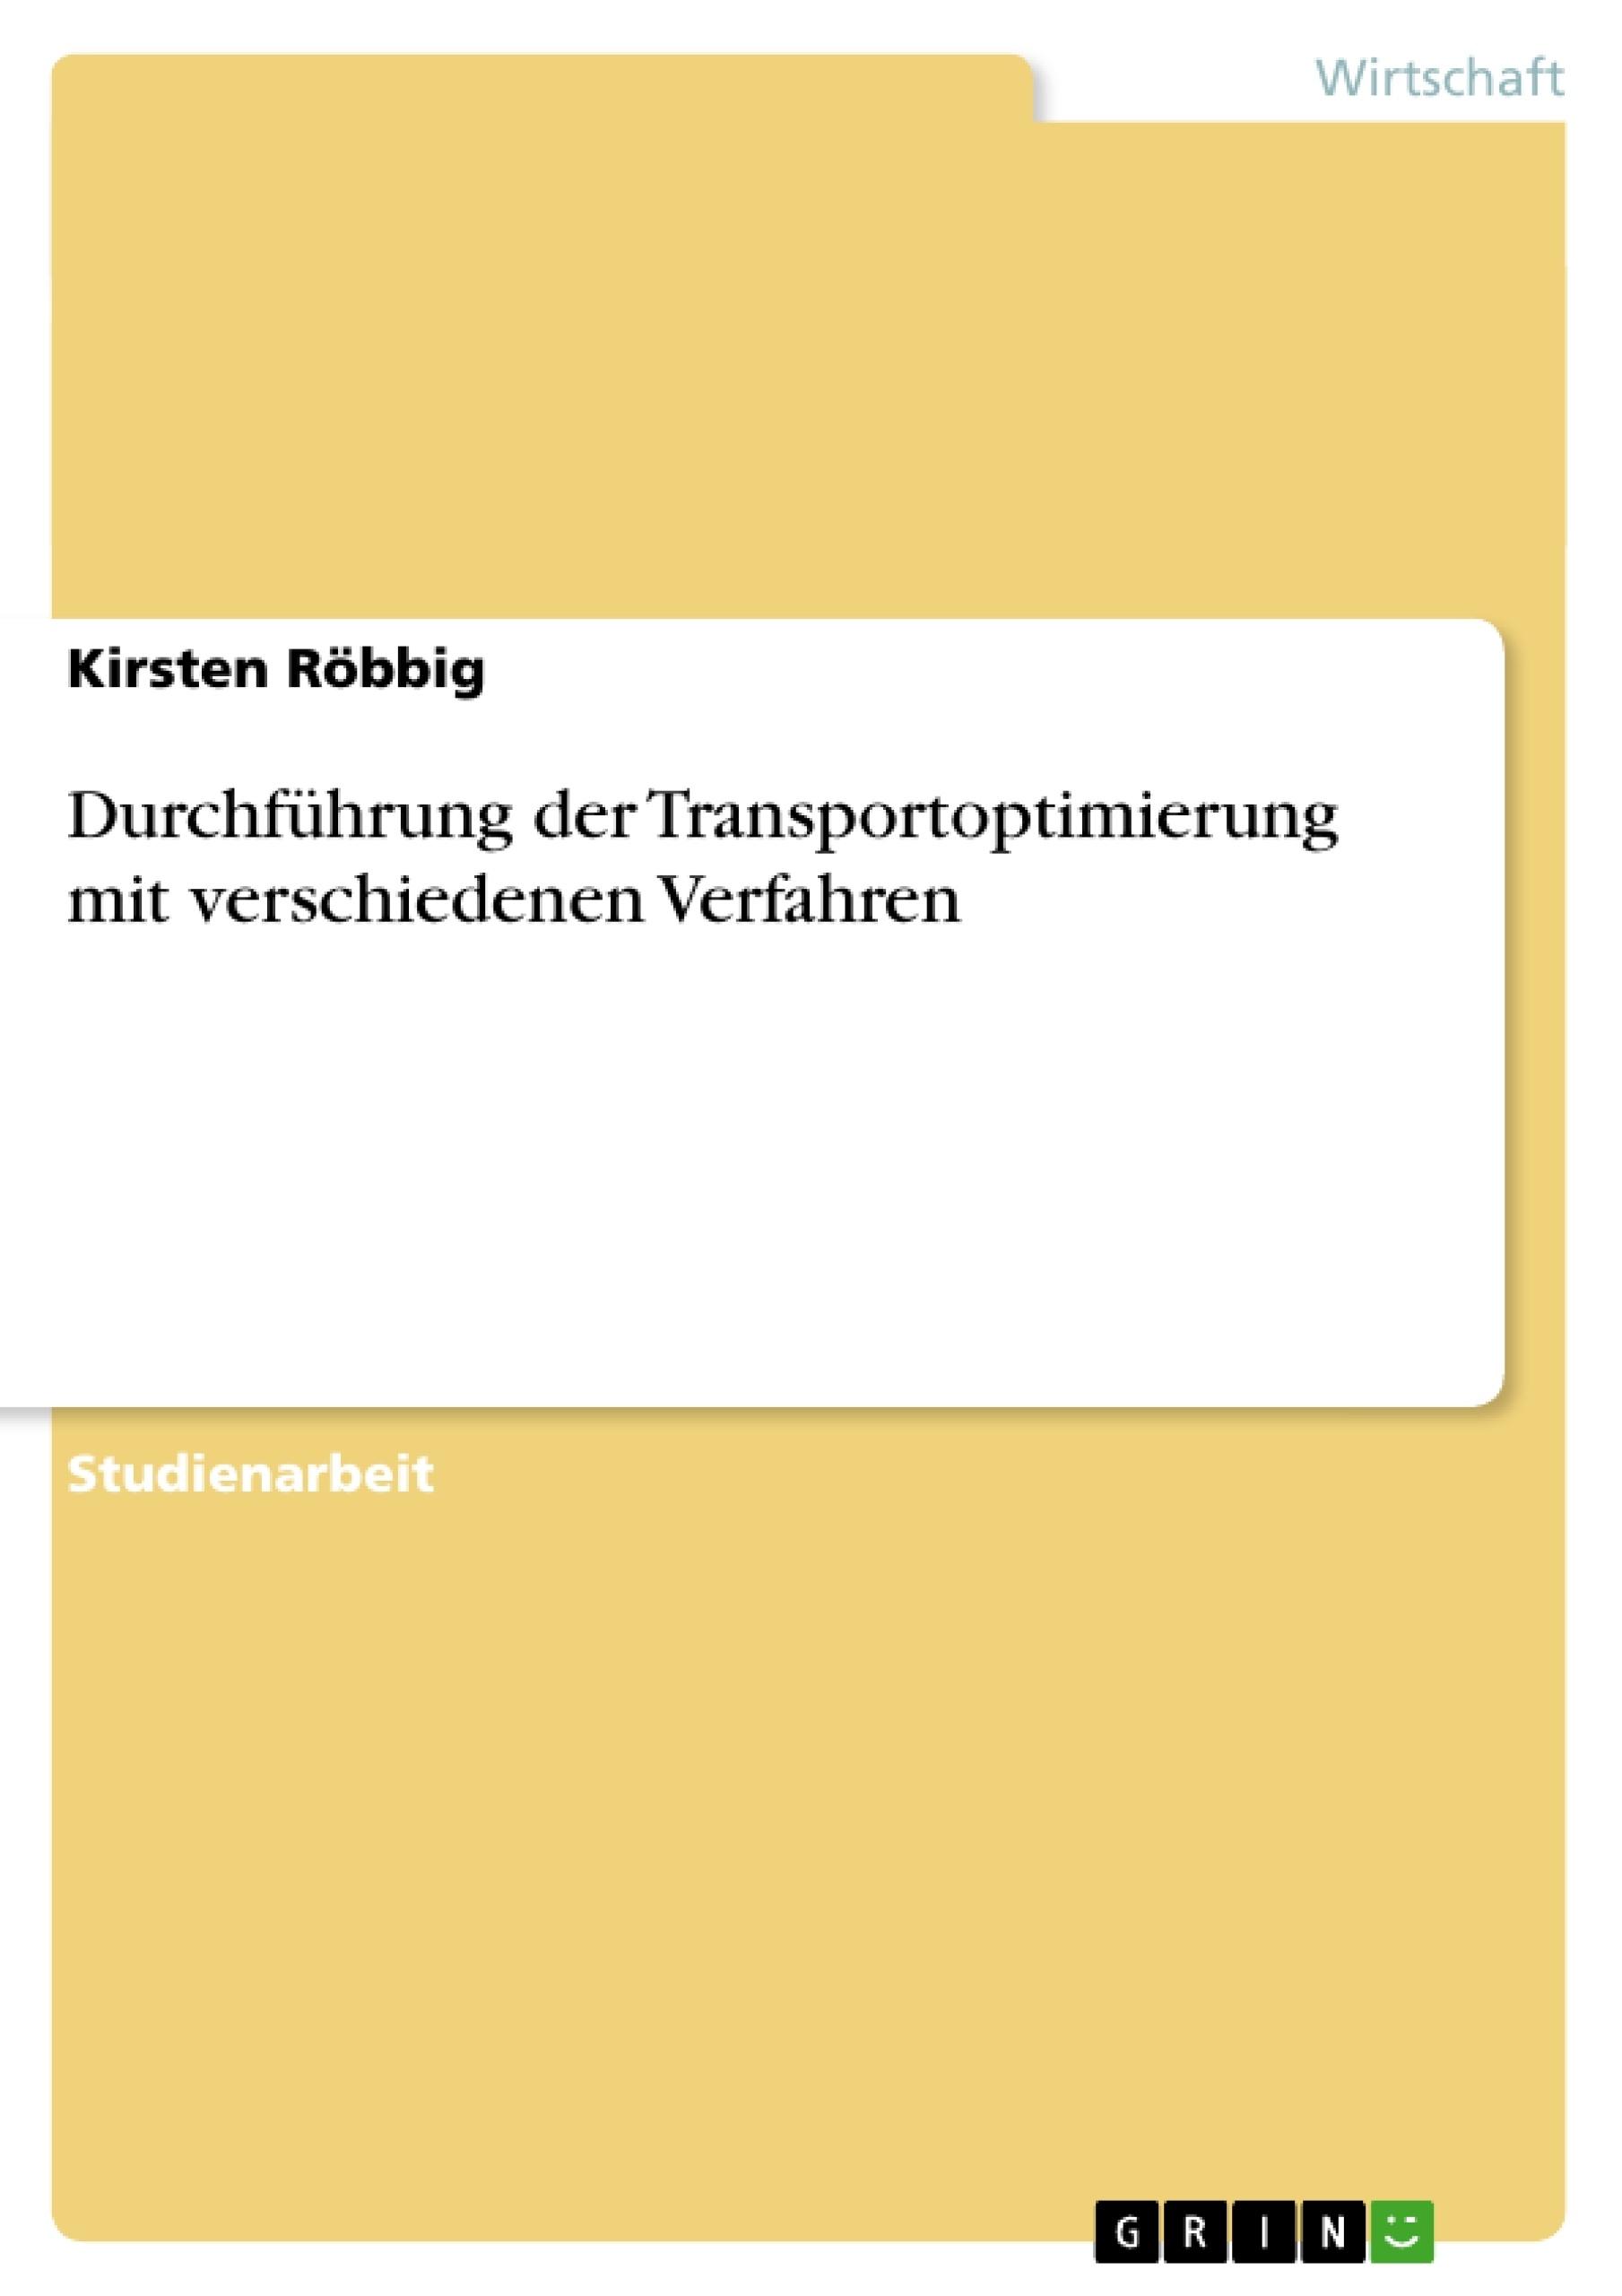 Titel: Durchführung der Transportoptimierung mit verschiedenen Verfahren